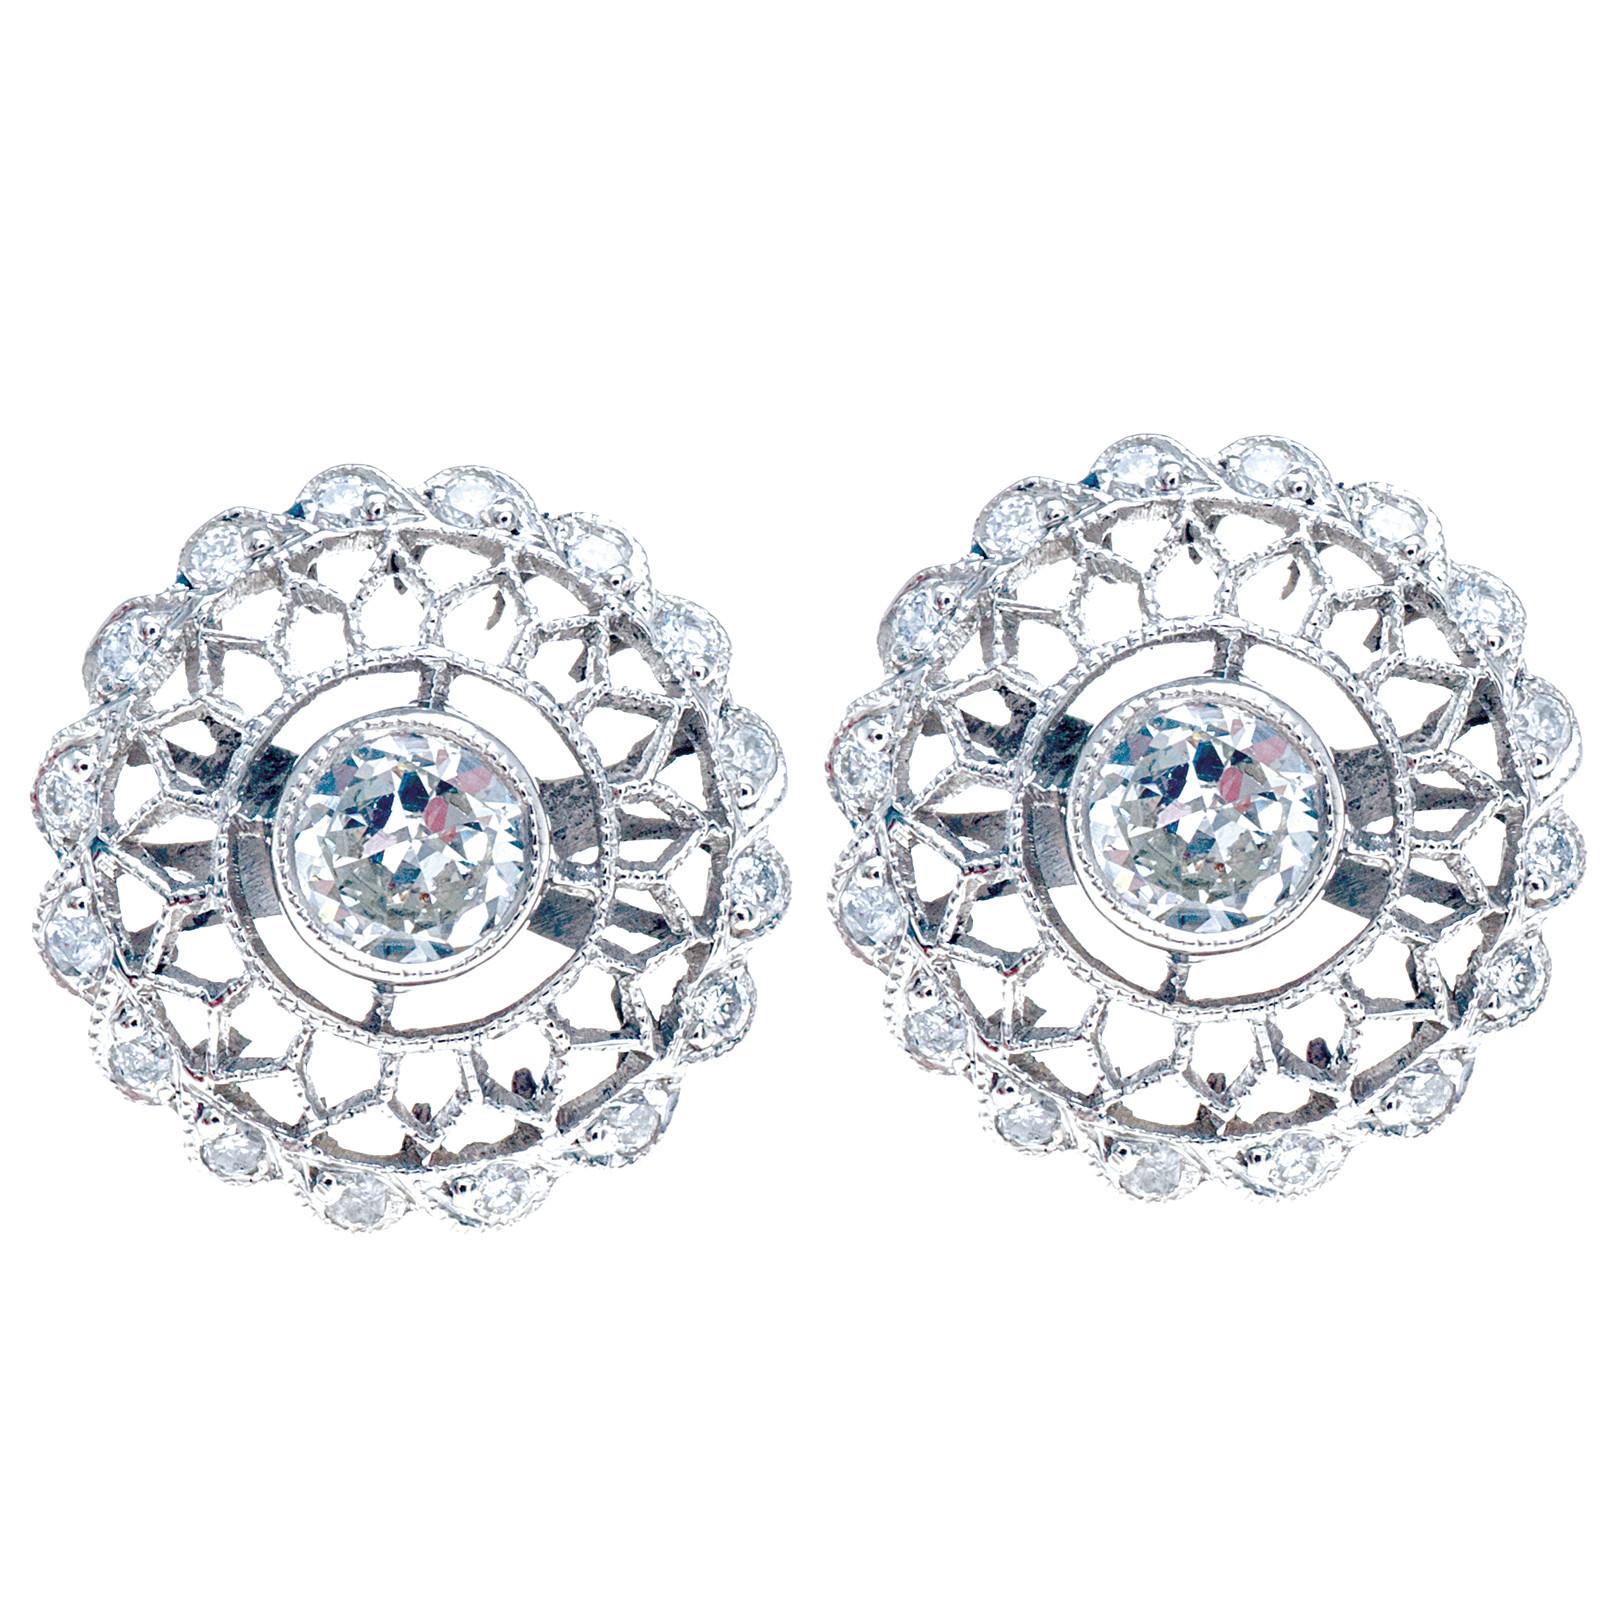 New Art Deco Inspired 0.83 CTW Diamond Earrings